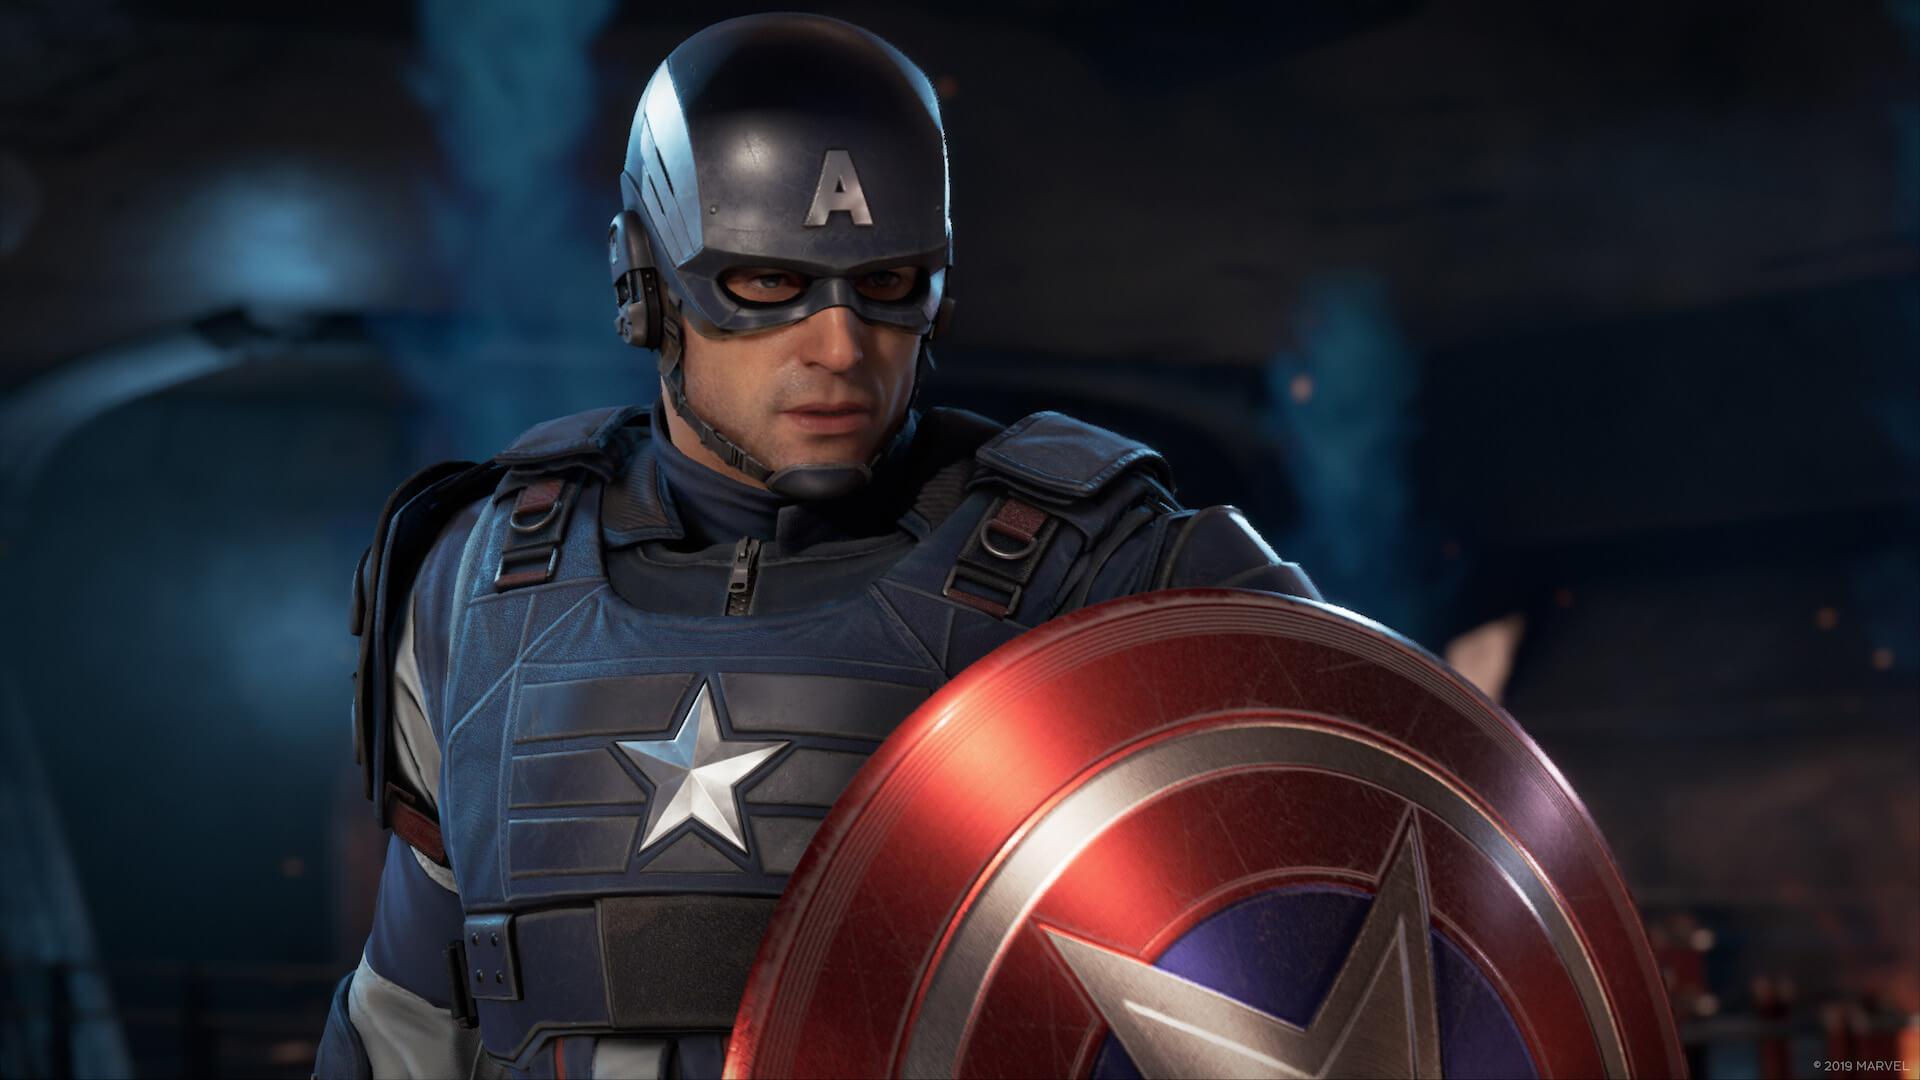 アベンジャーズ、ゲームでアッセンブル!『Marvel's Avengers』がついに予約受付開始&最新トレーラーも解禁 tech200417_avengers_game_10